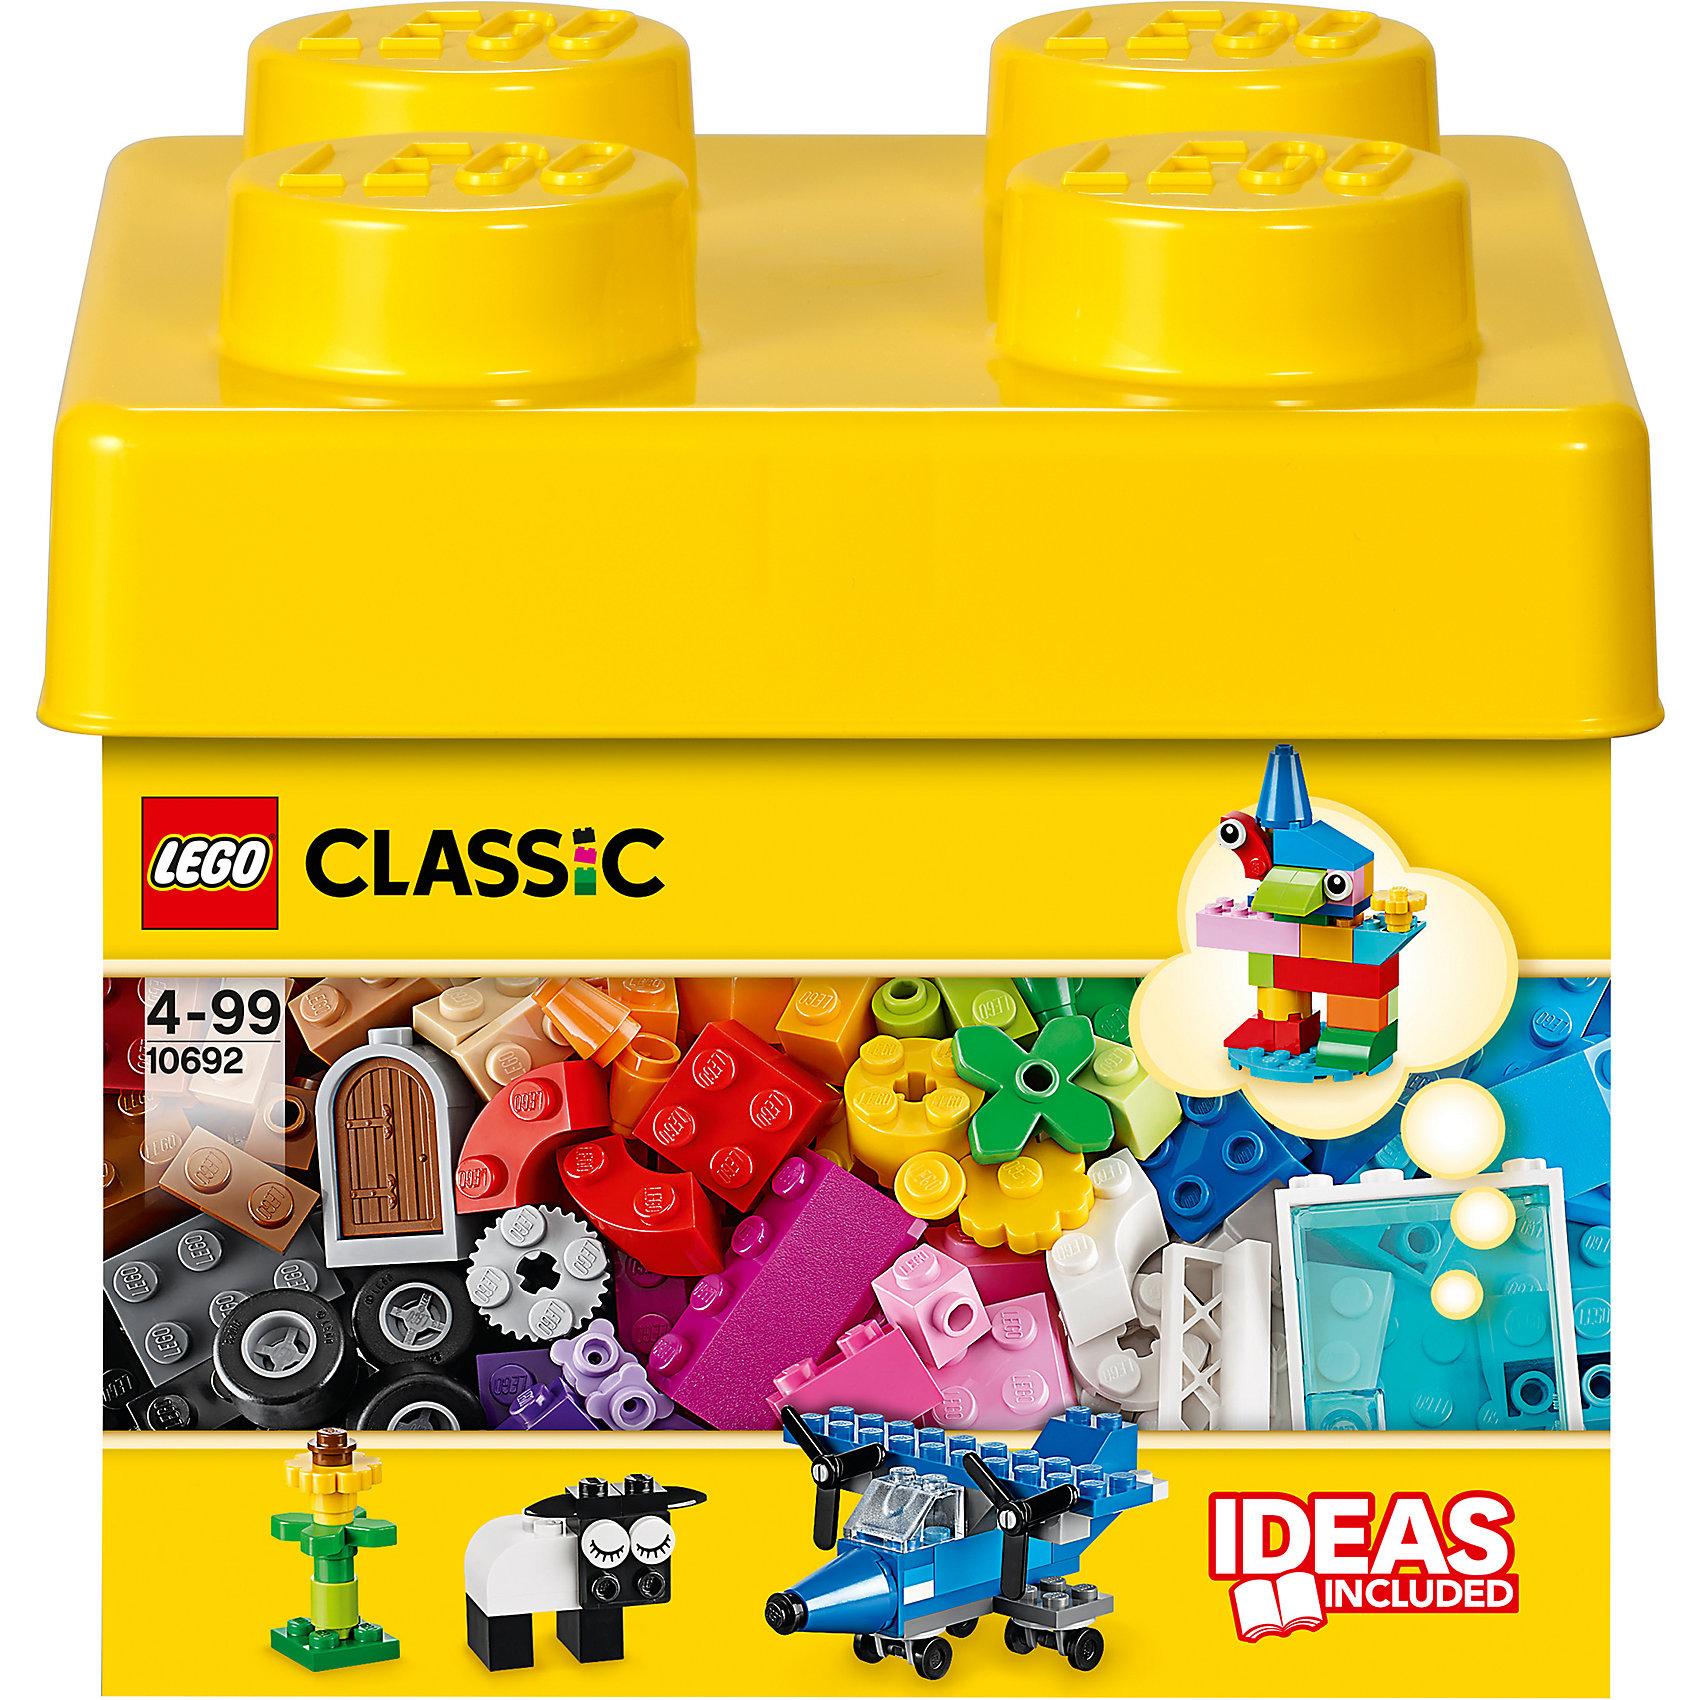 LEGO  10692: Набор для творчестваПластмассовые конструкторы<br>Карандаш, овечка, дельтаплан! Окунитесь с головой в этот набор кубиков LEGO и дайте волю своему воображению. Бесконечные возможности для сборки из классических кубиков 29 разных цветов и специальных деталей, включая двери, окна, колеса, глаза, пропеллеры и отделитель кубиков. Если вы не знаете, с чего начать, вам помогут инструкции с идеями дизайнеров, от которых можно оттолкнуться. <br><br>Наборы для творчества LEGO (ЛЕГО)  идеальны для начинающих строителей всех возрастов. Они также дополнят любую имеющуюся коллекцию LEGO. Набор упакован в удобную пластиковую коробку. <br><br>Дополнительная информация:<br><br>- Конструкторы ЛЕГО развивают усидчивость, внимание, фантазию и мелкую моторику. <br>- Комплектация: колеса, пропеллеры, стандартные кубики, кубики с рисунками, двери окна.<br>- Количество деталей: 221 шт.<br>- Серия ЛЕГО (LEGO) Наборы для творчества.<br>- Материал: пластик.<br>- Размер упаковки: 18х16,5х18 см.<br>- Вес: 0,55 кг<br><br>LEGO  10692: Набор для творчества можно купить в нашем магазине.<br><br>Ширина мм: 184<br>Глубина мм: 177<br>Высота мм: 162<br>Вес г: 420<br>Возраст от месяцев: 48<br>Возраст до месяцев: 144<br>Пол: Унисекс<br>Возраст: Детский<br>SKU: 3786103